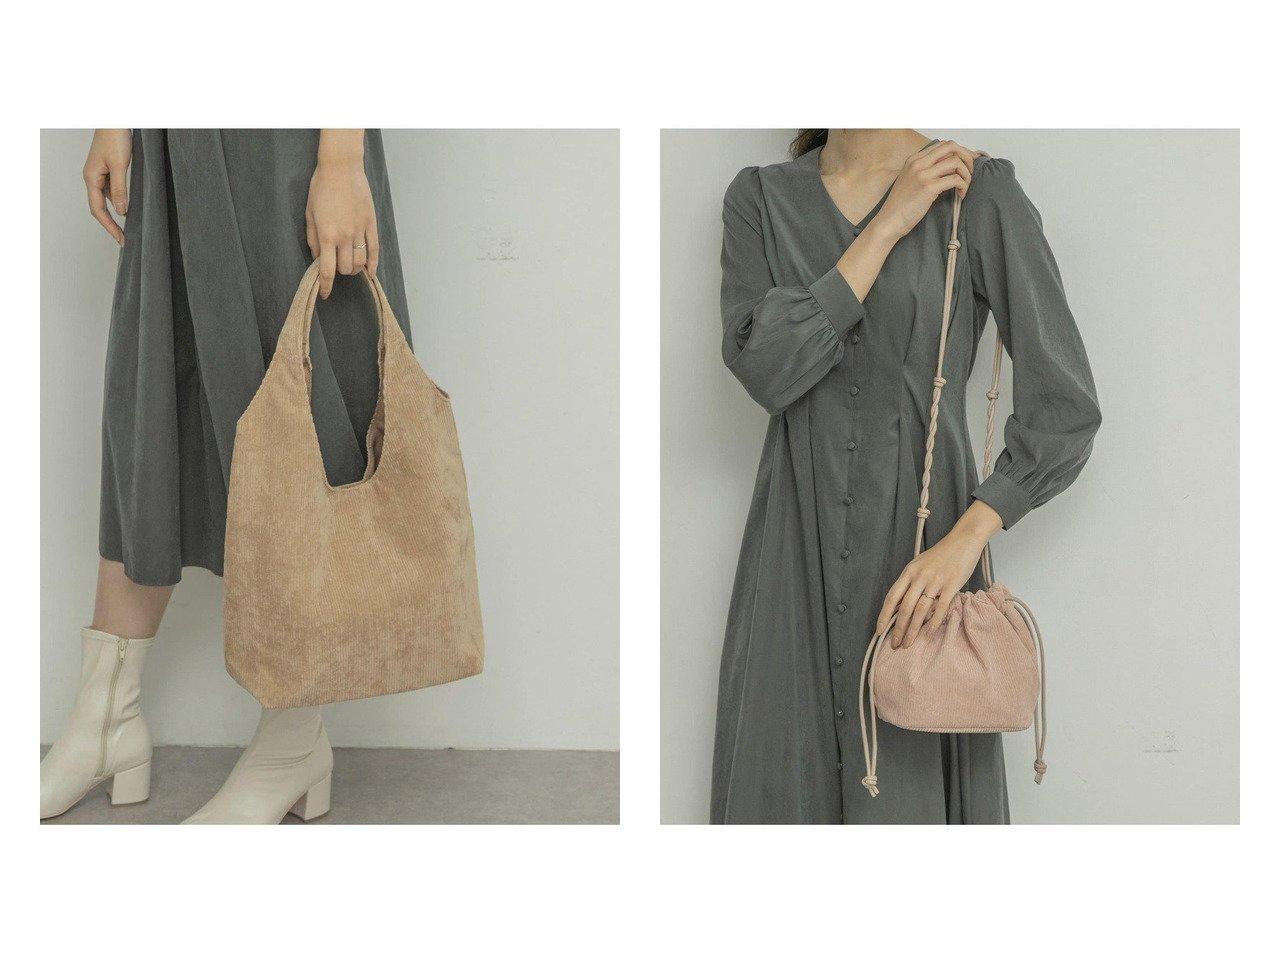 【RODE SKO/ロデスコ】のMARILOU コーデュロイトートバッグ&MARILU コーデュロイキンチャクバッグ バッグ・鞄のおすすめ!人気、トレンド・レディースファッションの通販  おすすめで人気の流行・トレンド、ファッションの通販商品 メンズファッション・キッズファッション・インテリア・家具・レディースファッション・服の通販 founy(ファニー) https://founy.com/ ファッション Fashion レディースファッション WOMEN バッグ Bag コーデュロイ ショルダー 巾着 |ID:crp329100000009900